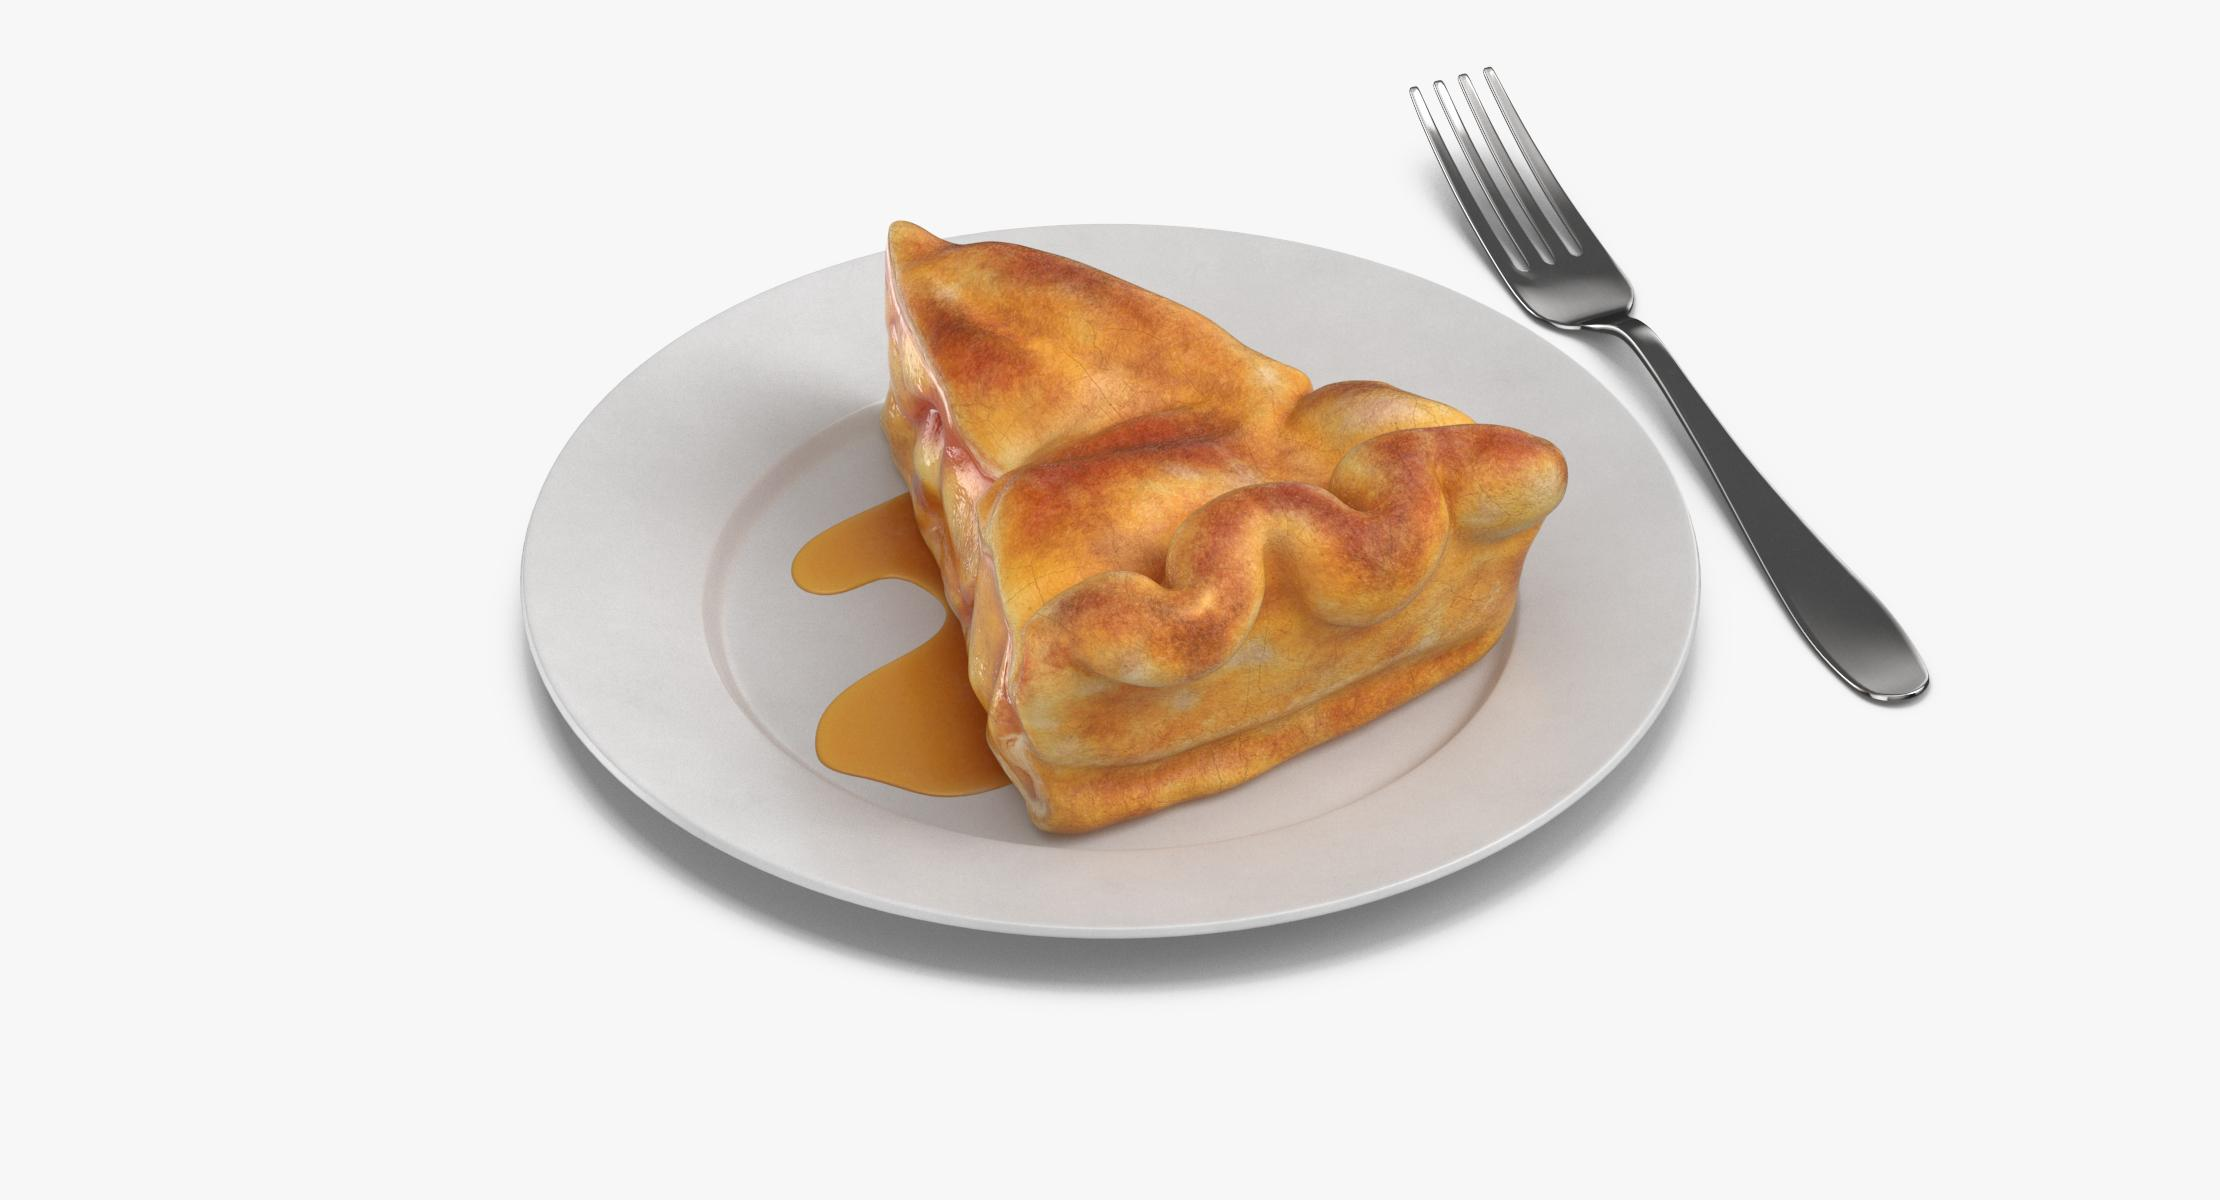 Apple Pie Slice - reel 1